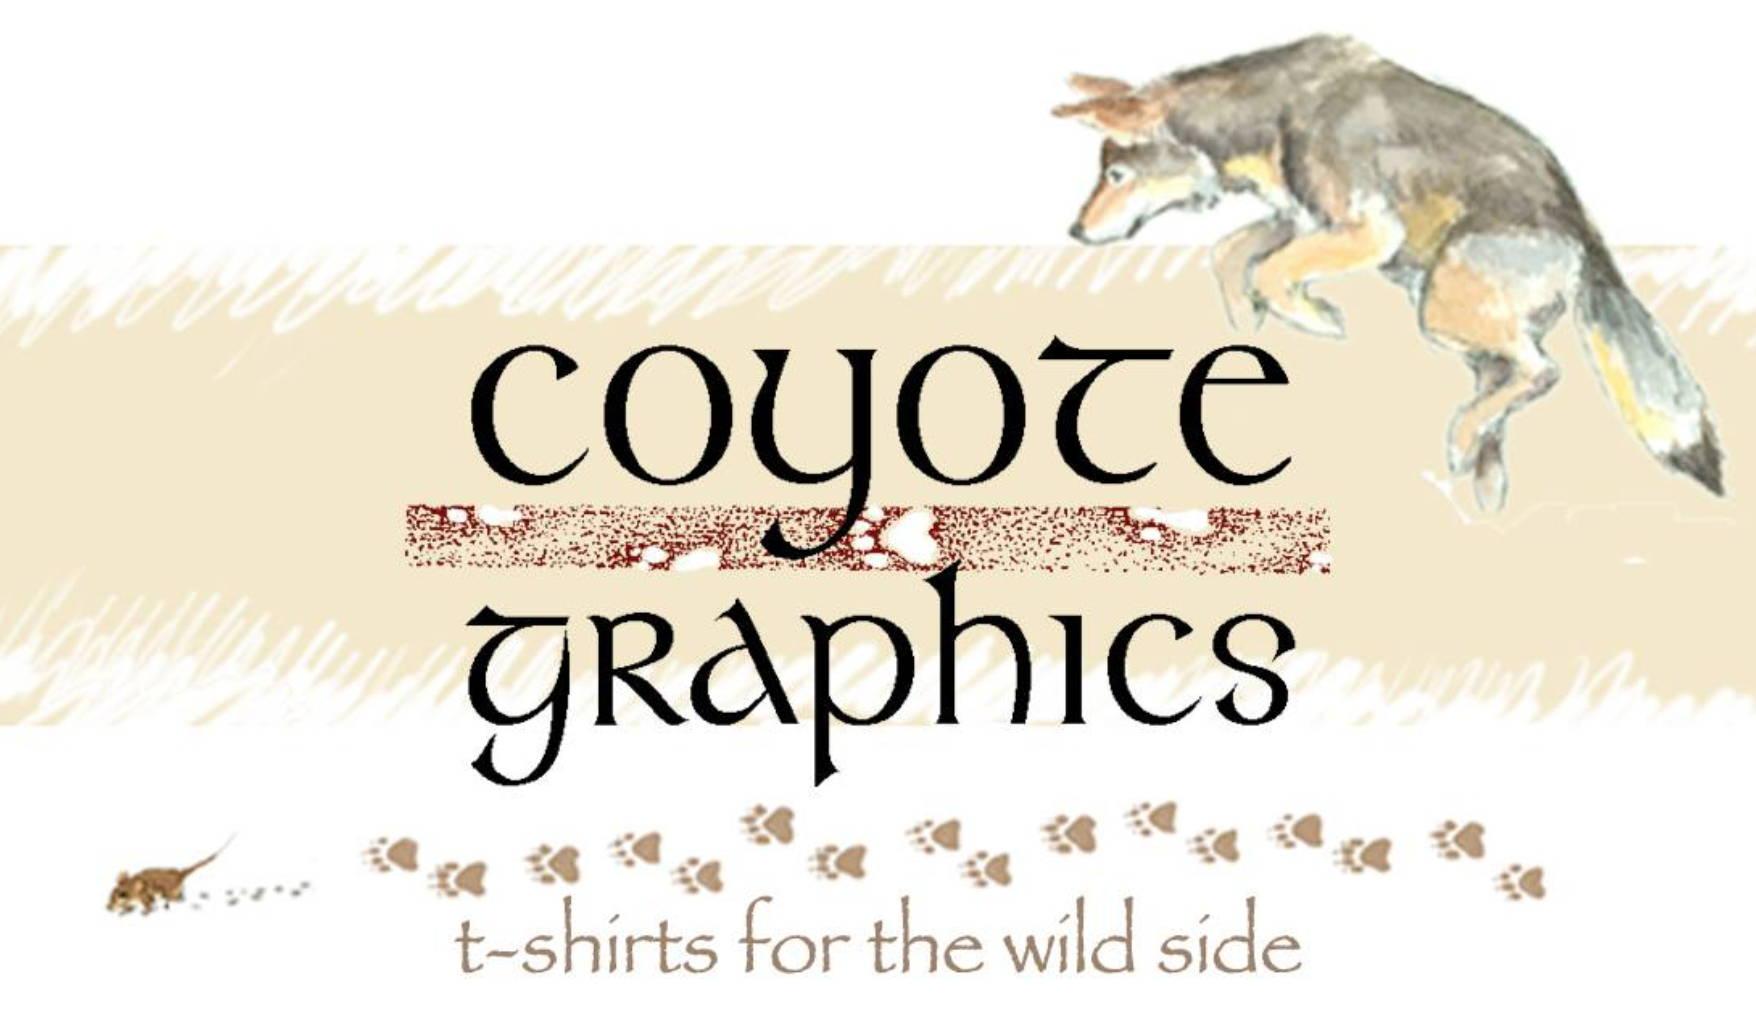 Coyote Graphics